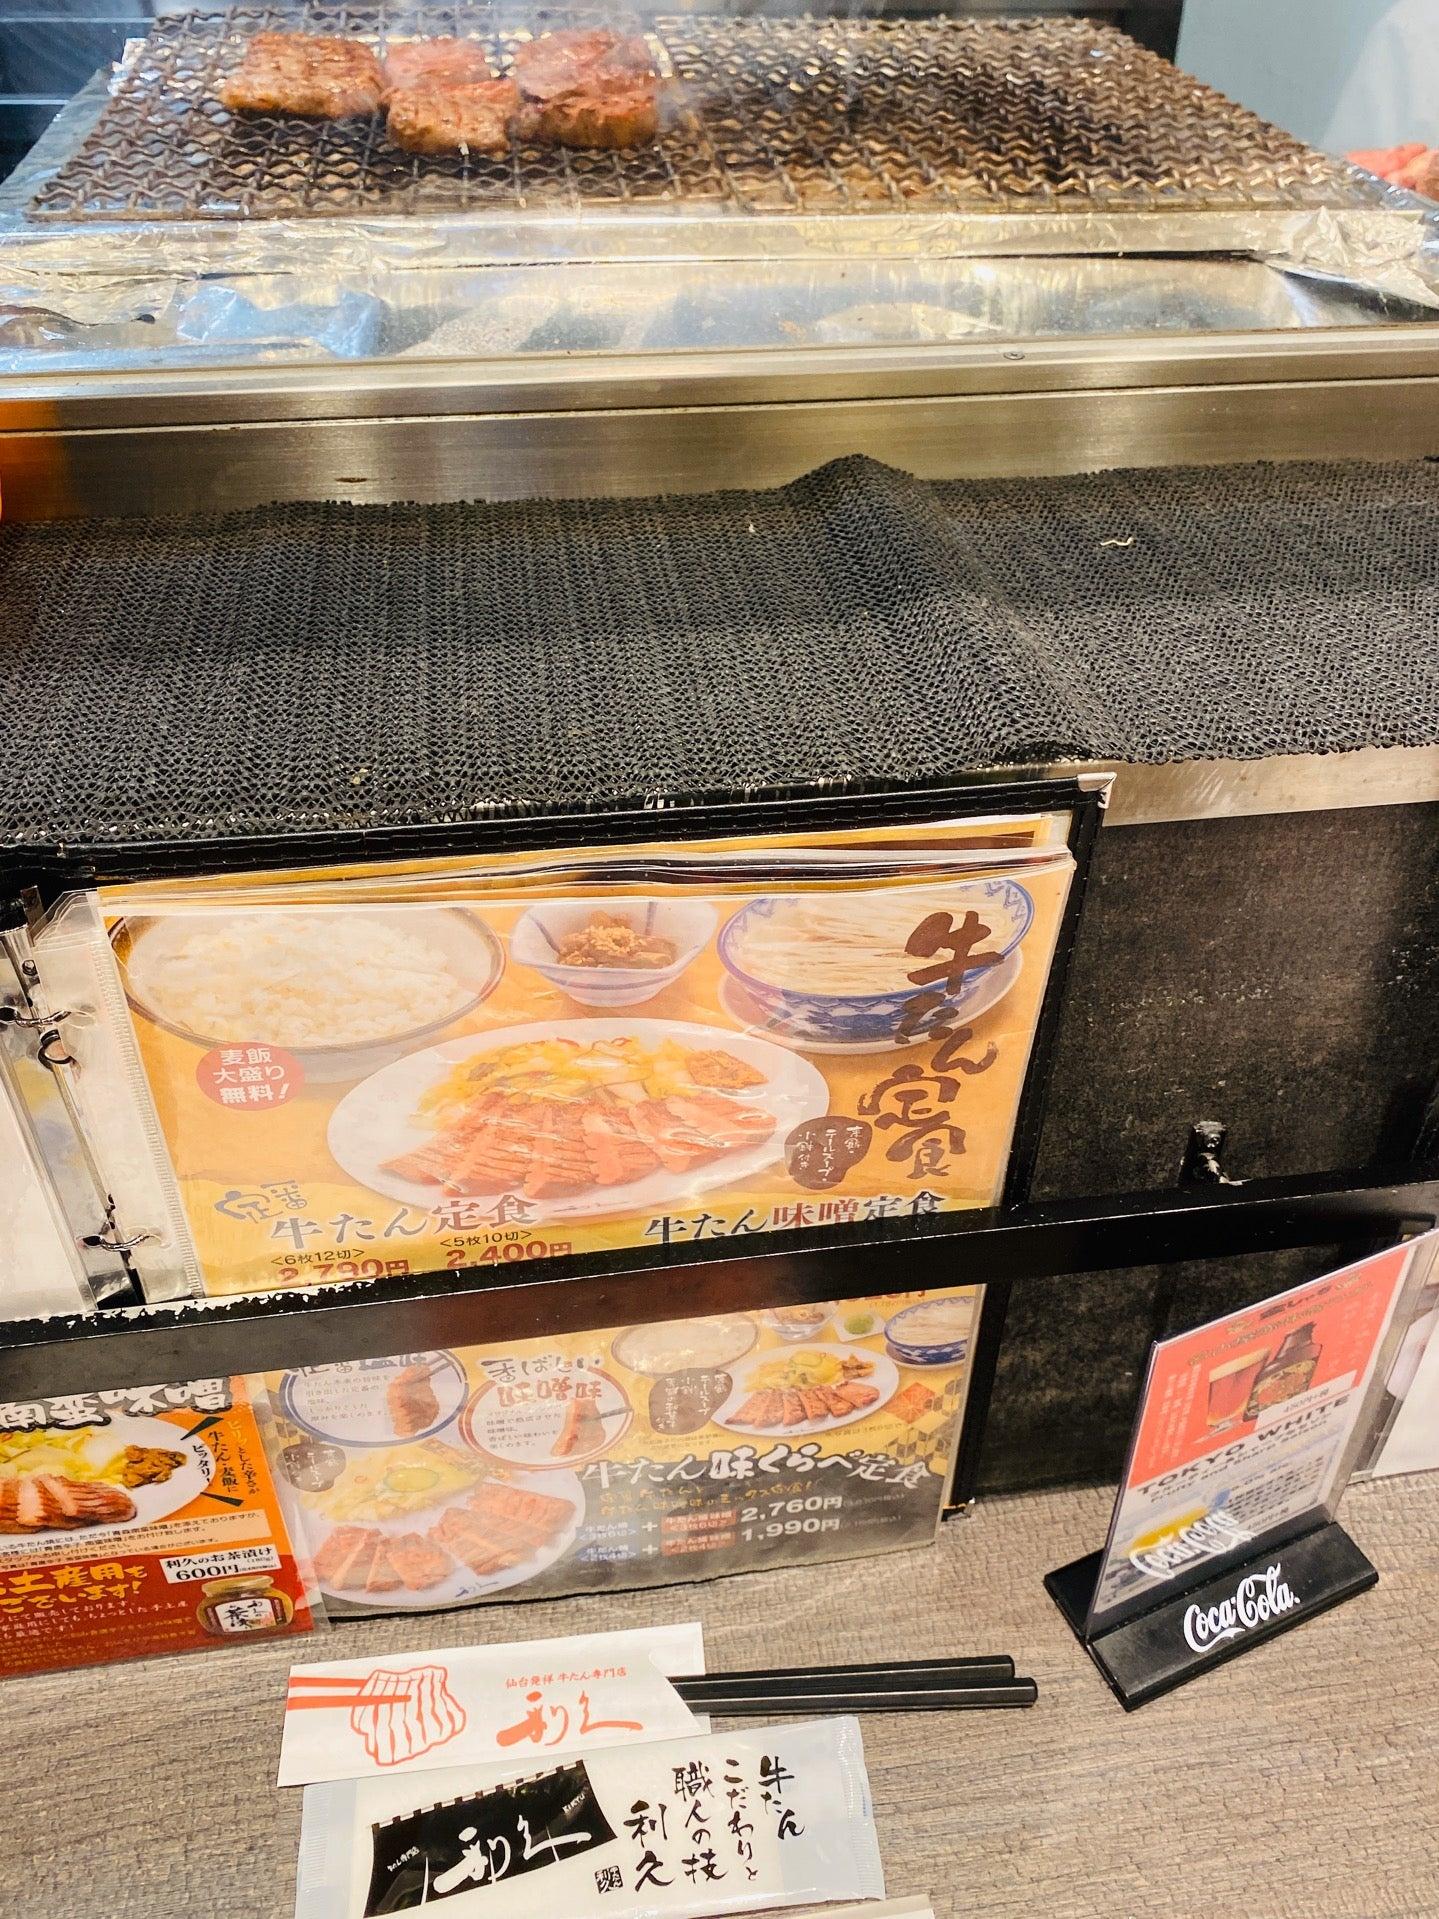 カウンター席で肉を焼いてるのが見える。 (@ 牛たん炭焼 利久 in 名古屋市, 愛知県) https://t.co/txdGp83Ske https://t.co/kn8ABC4t7l